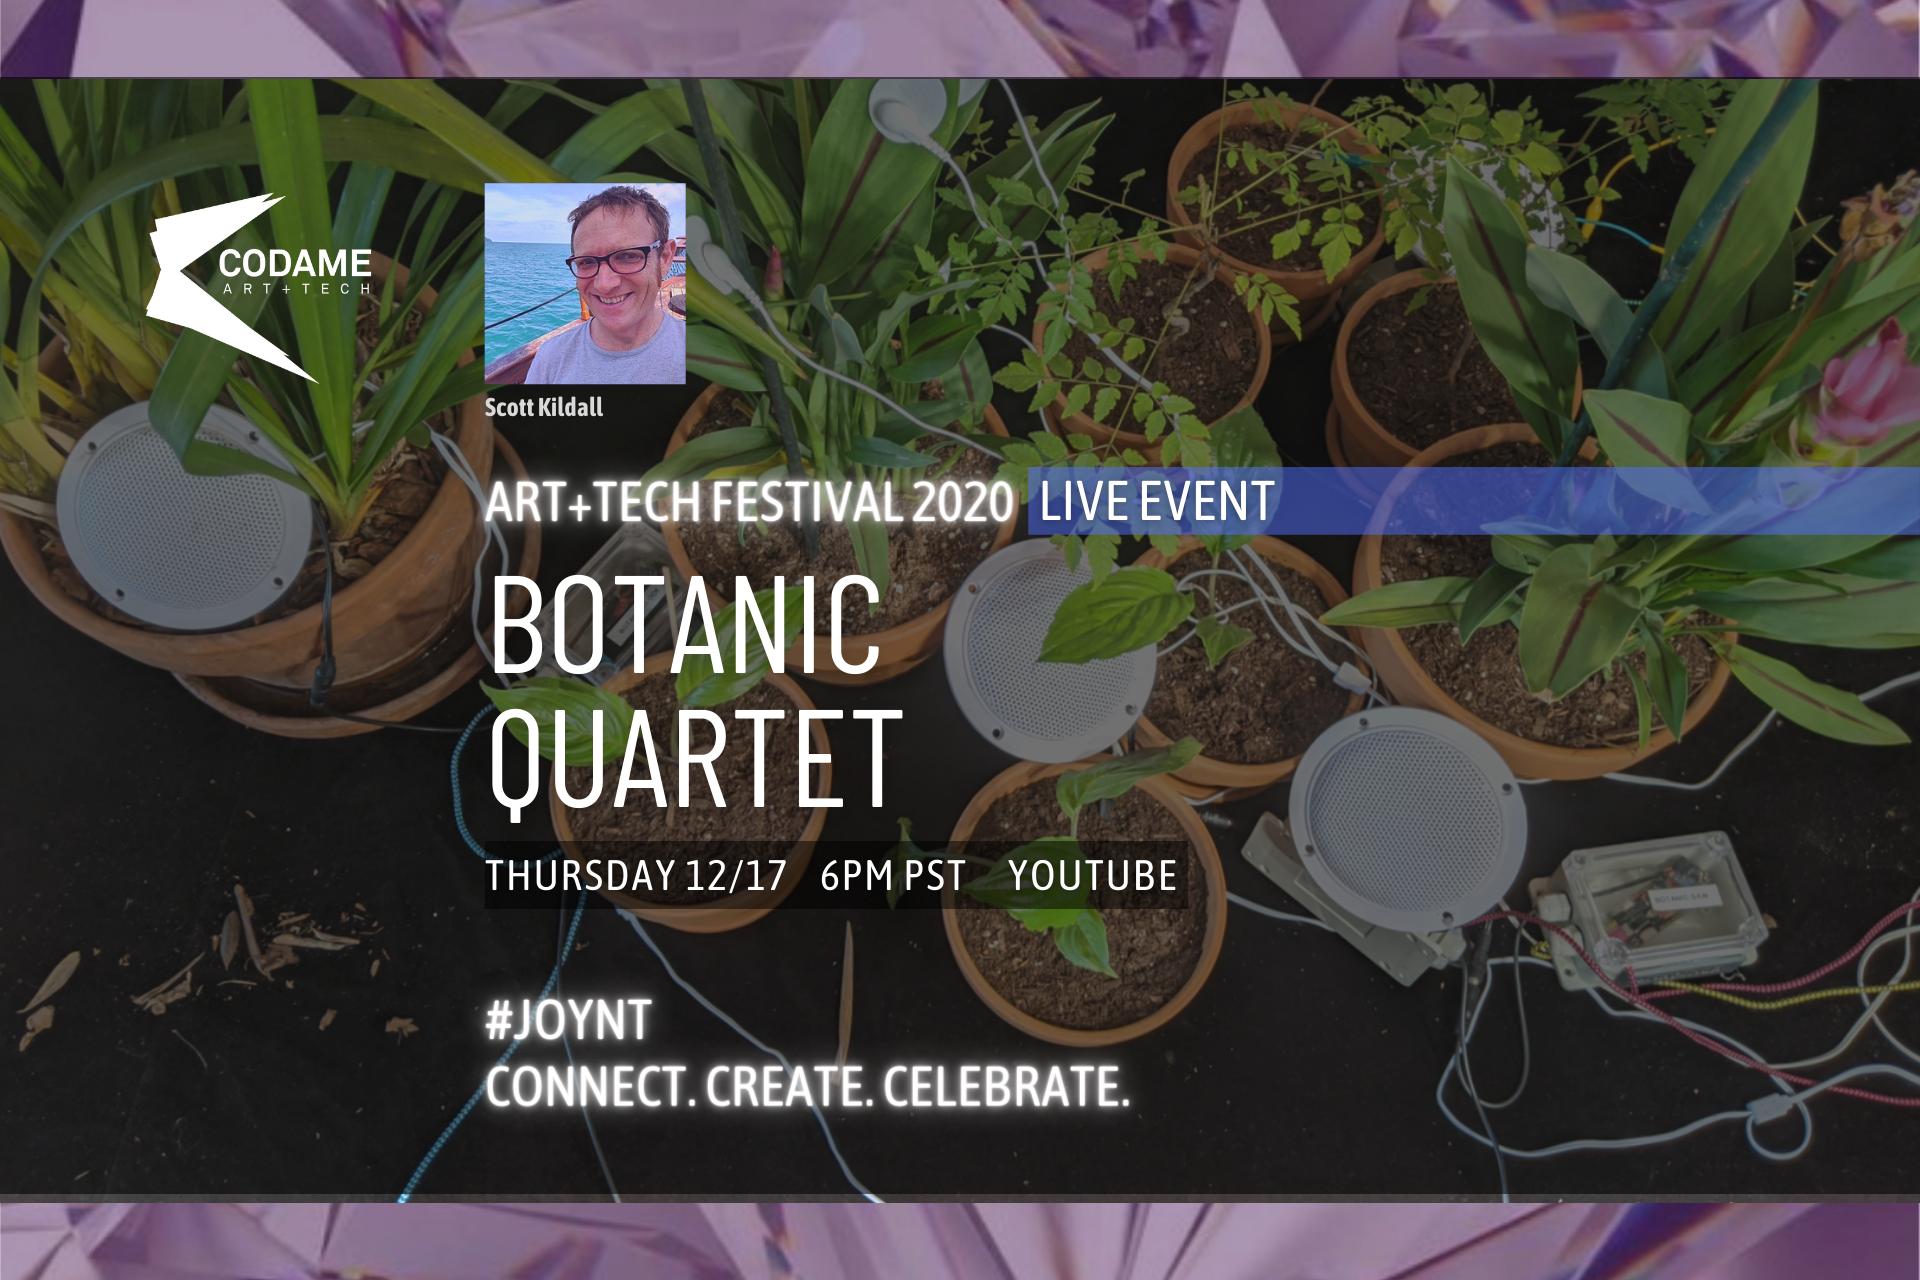 Botanic Quartet